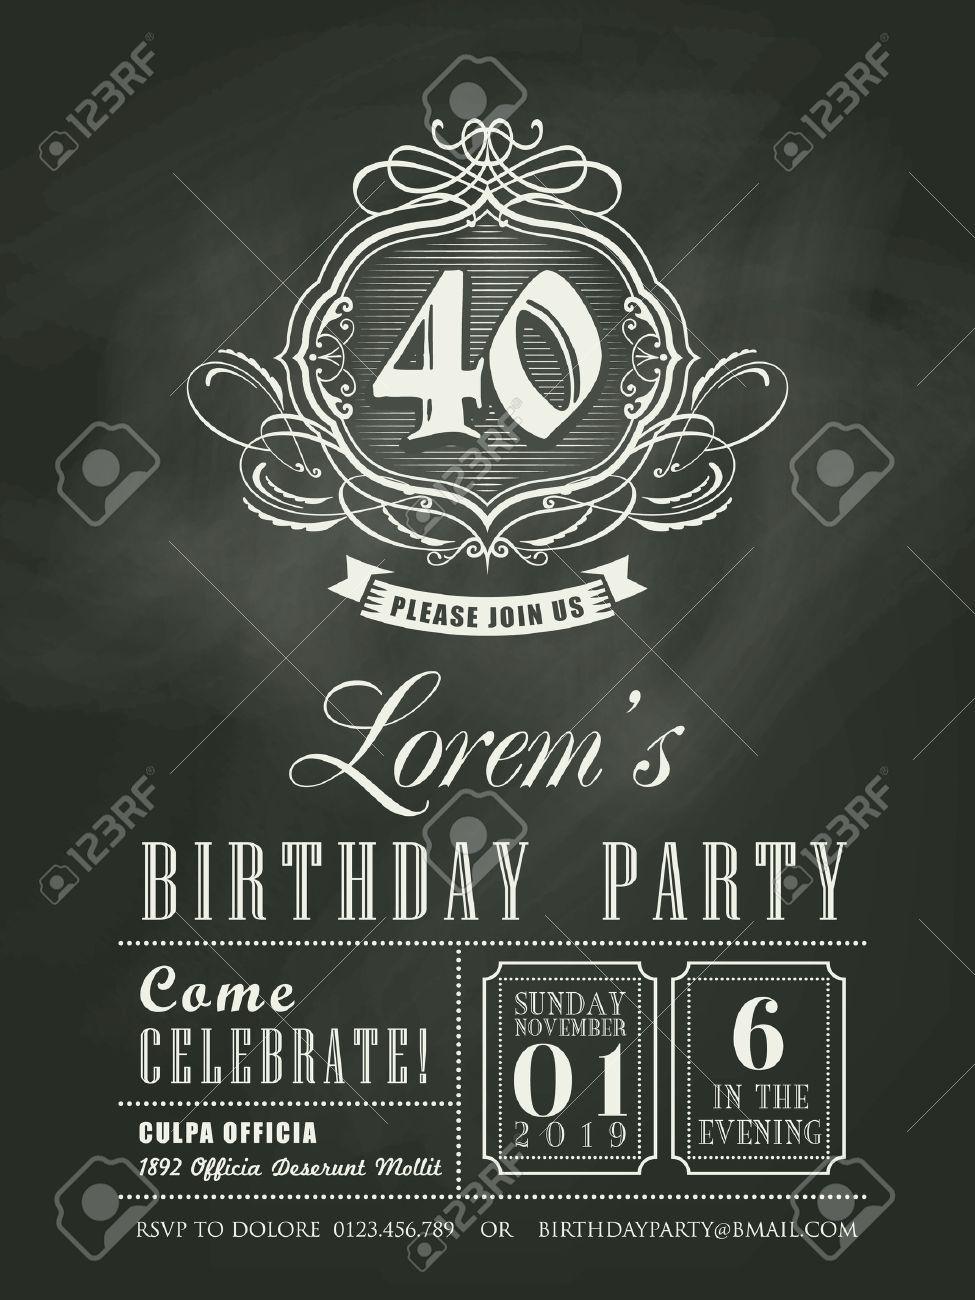 Fondo De Pizarra De Tarjeta De Invitación De Cumpleaños De Aniversario